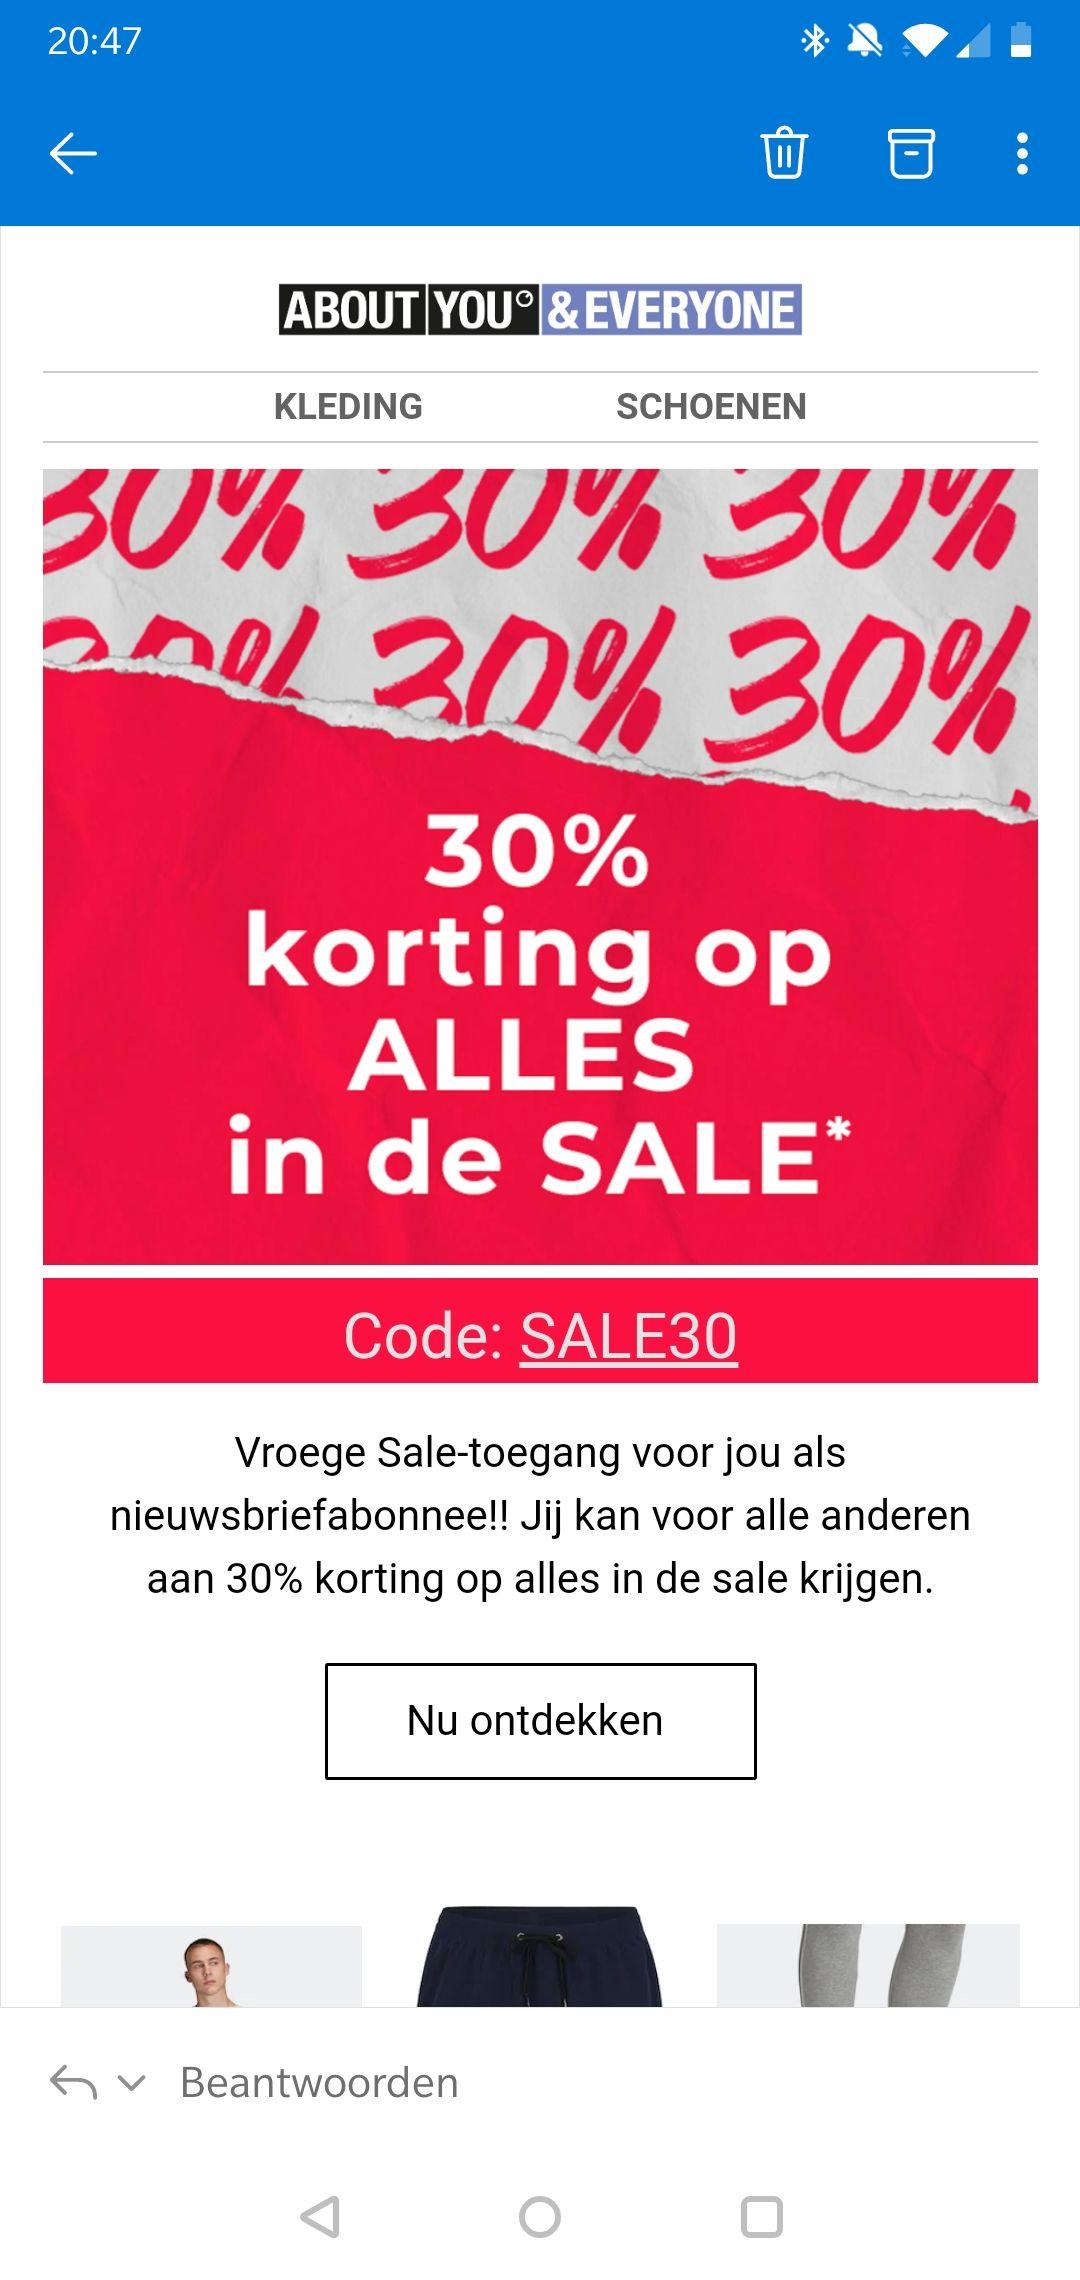 30% extra korting op afgeprijsde producten bij @About You